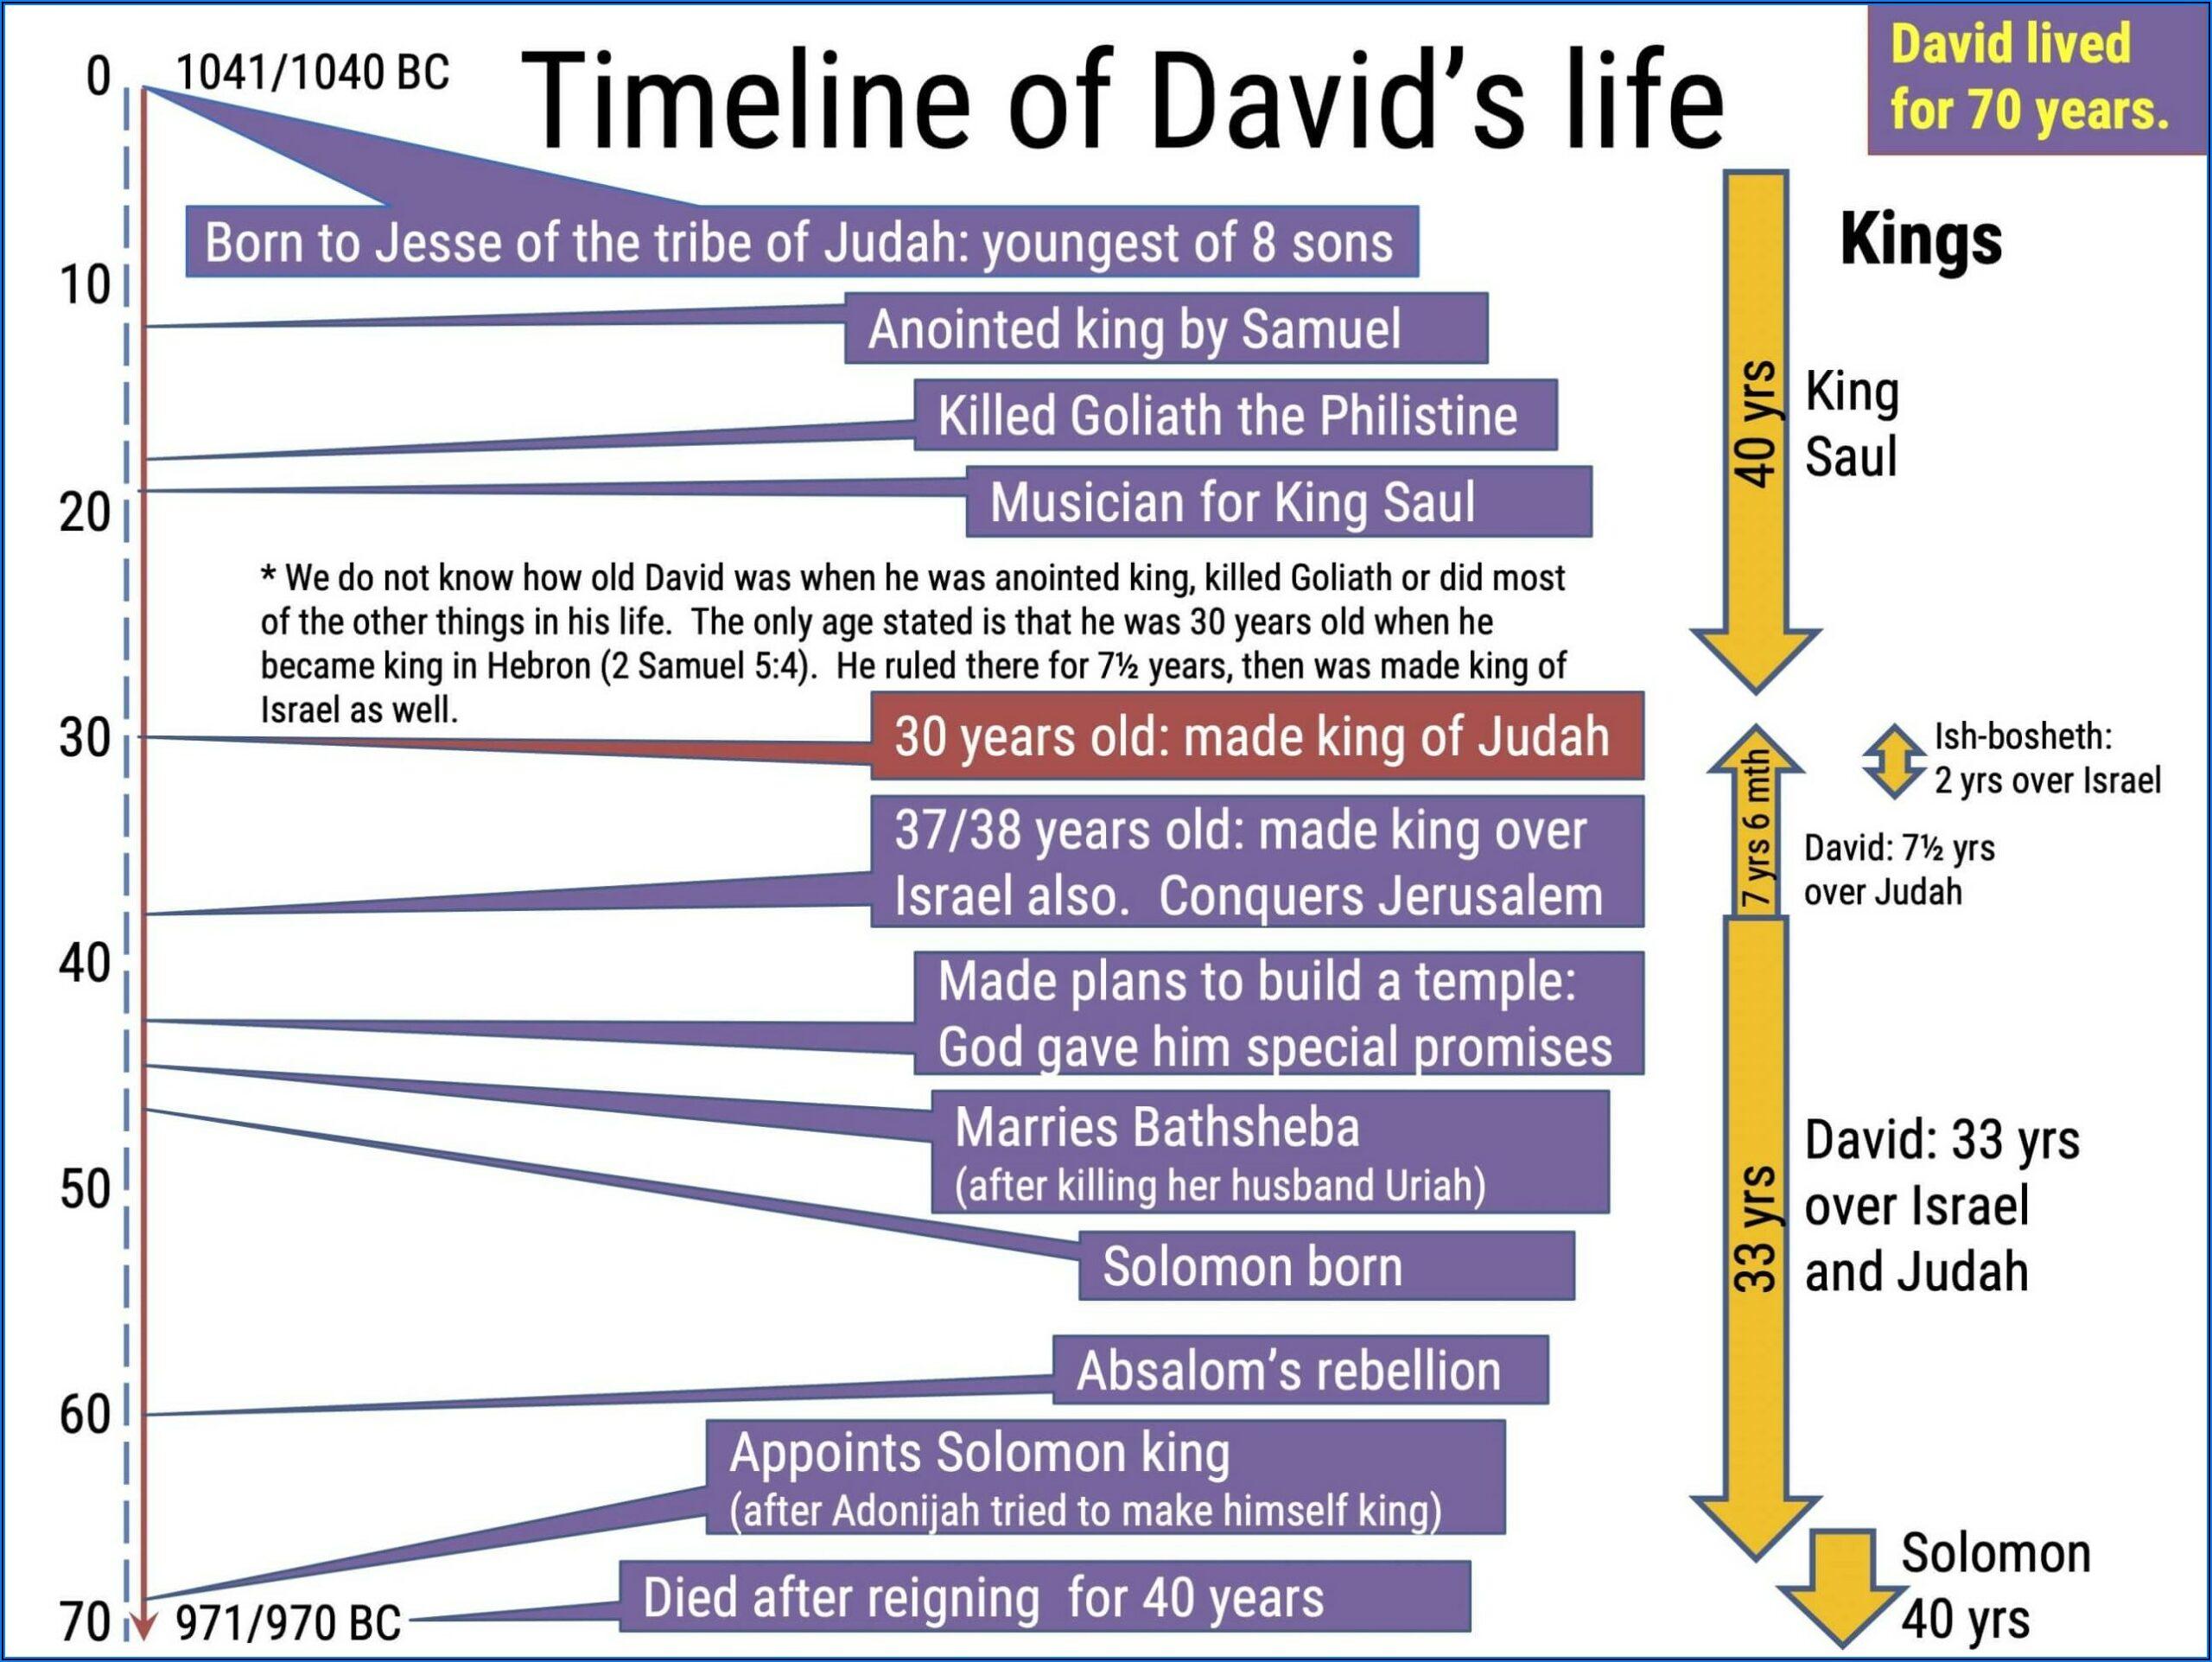 Timeline Of King David's Life